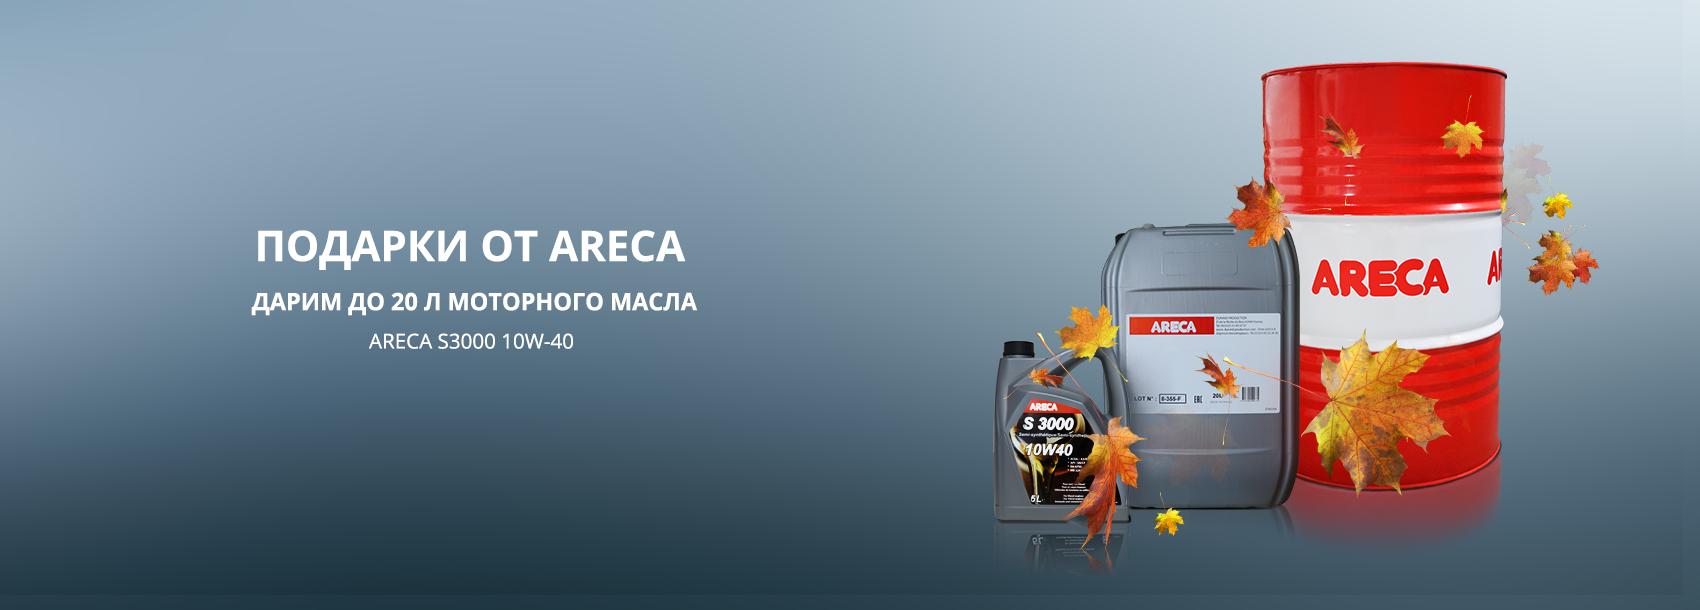 Выгодное предложение от Areca!